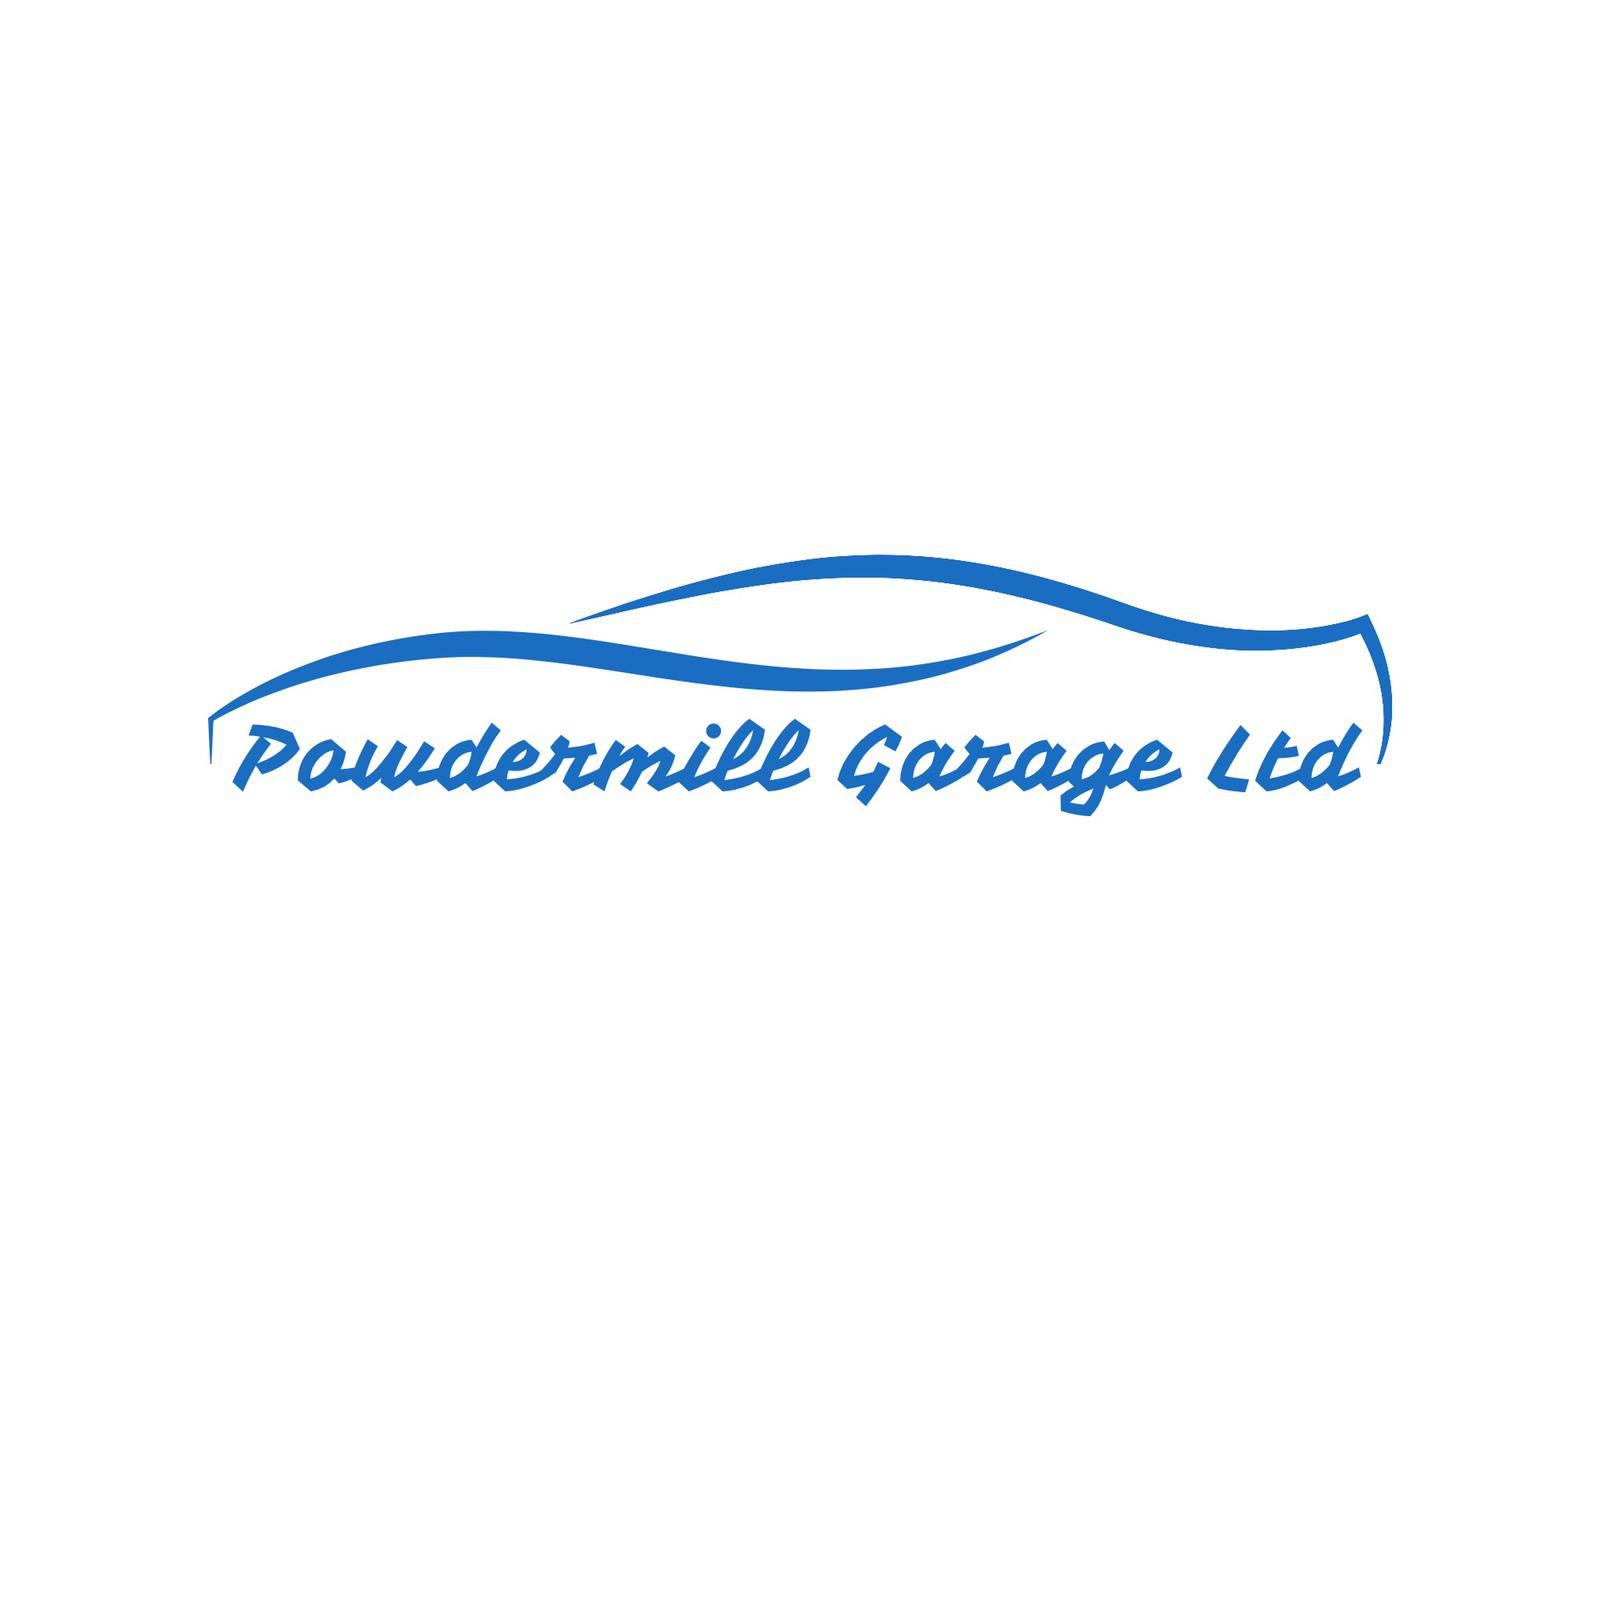 Powdermill Garage Ltd